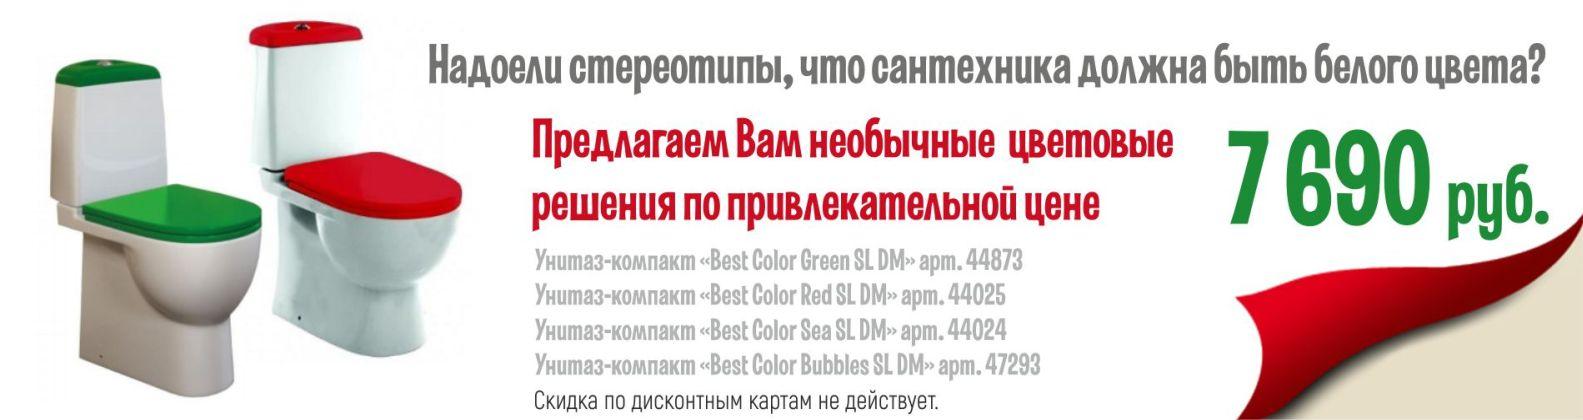 Цветные компакт-унитазы